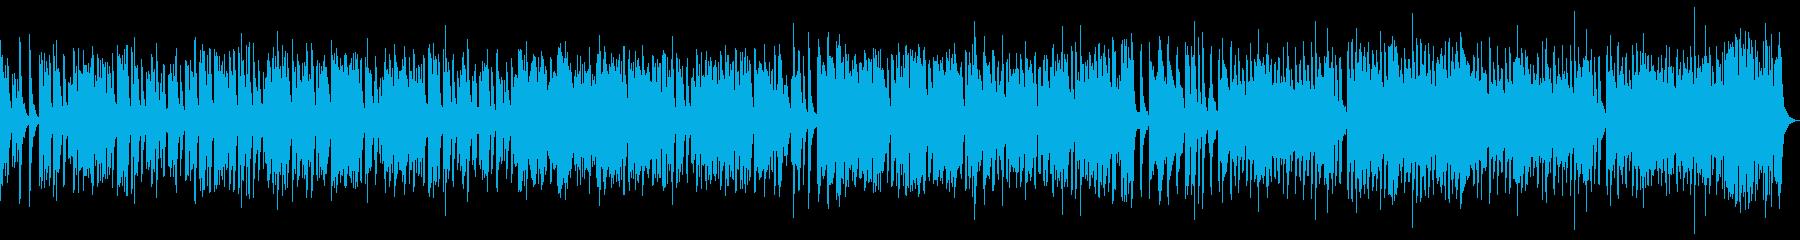 クッキング動画のBGMに最適3分の曲の再生済みの波形